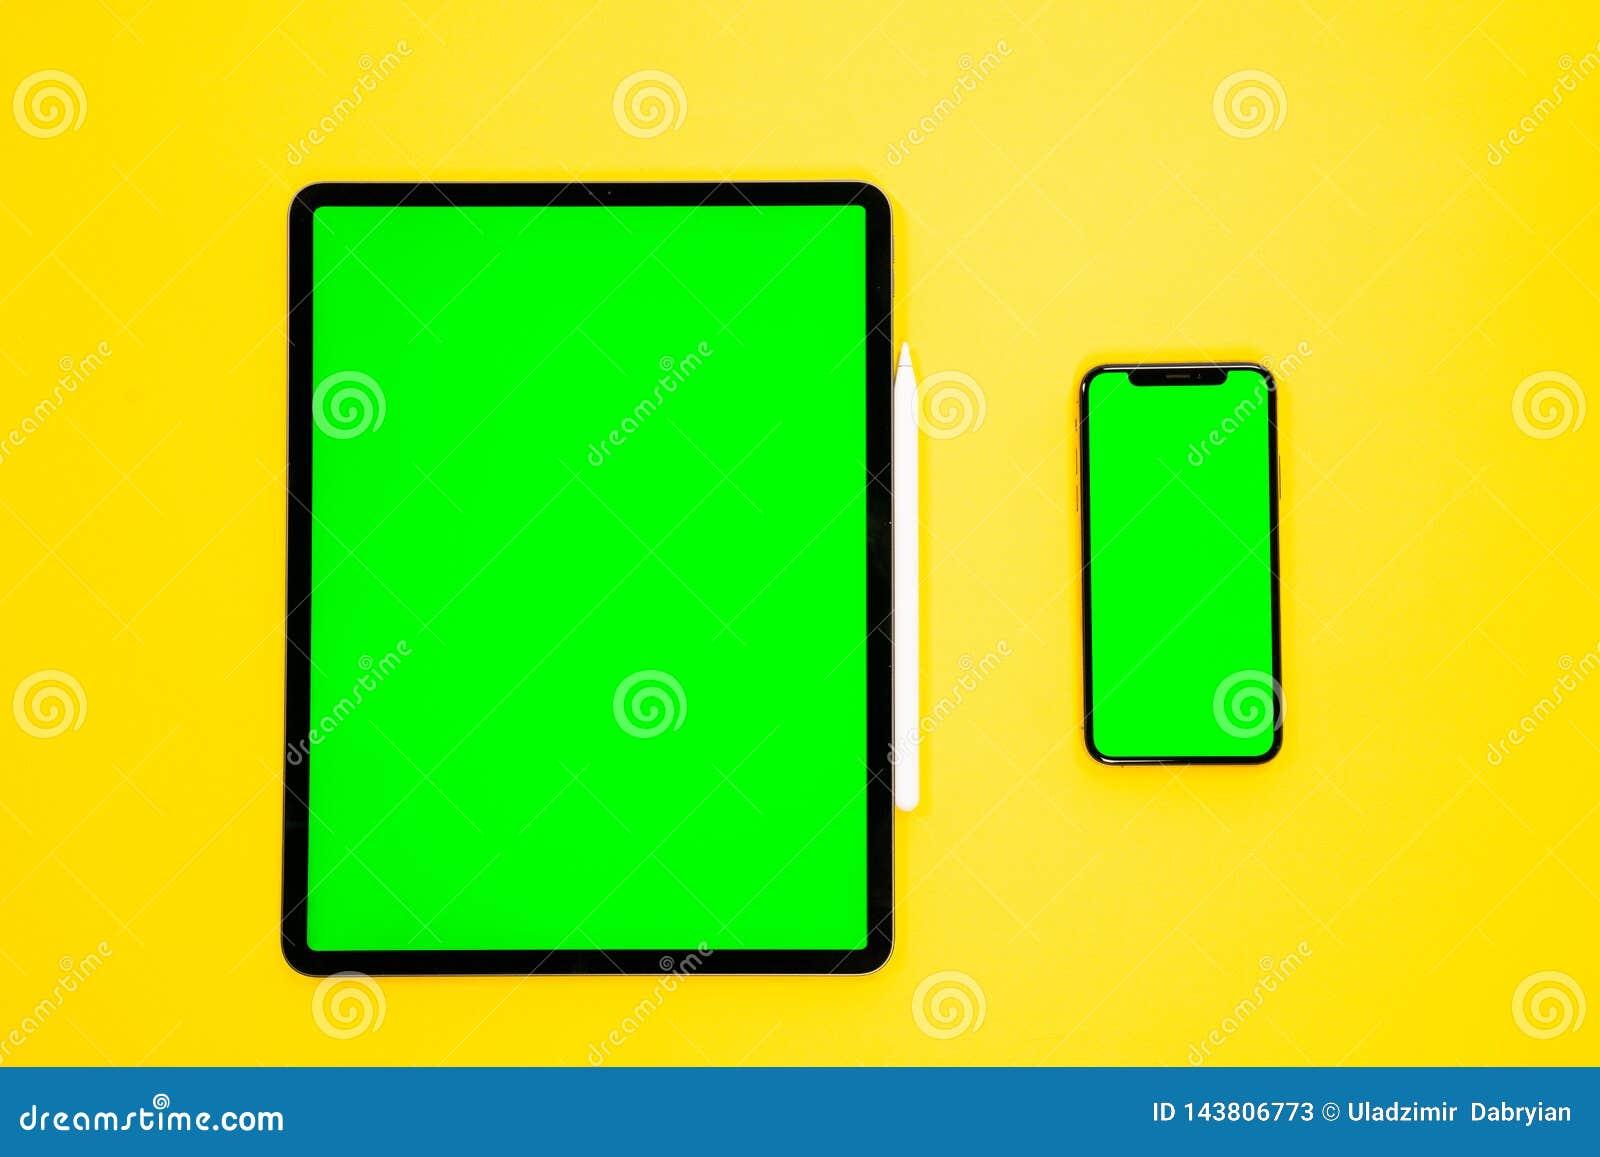 Ipad Et Iphone Nouveau Comprime Sur Un Fond Jaune Avec Un